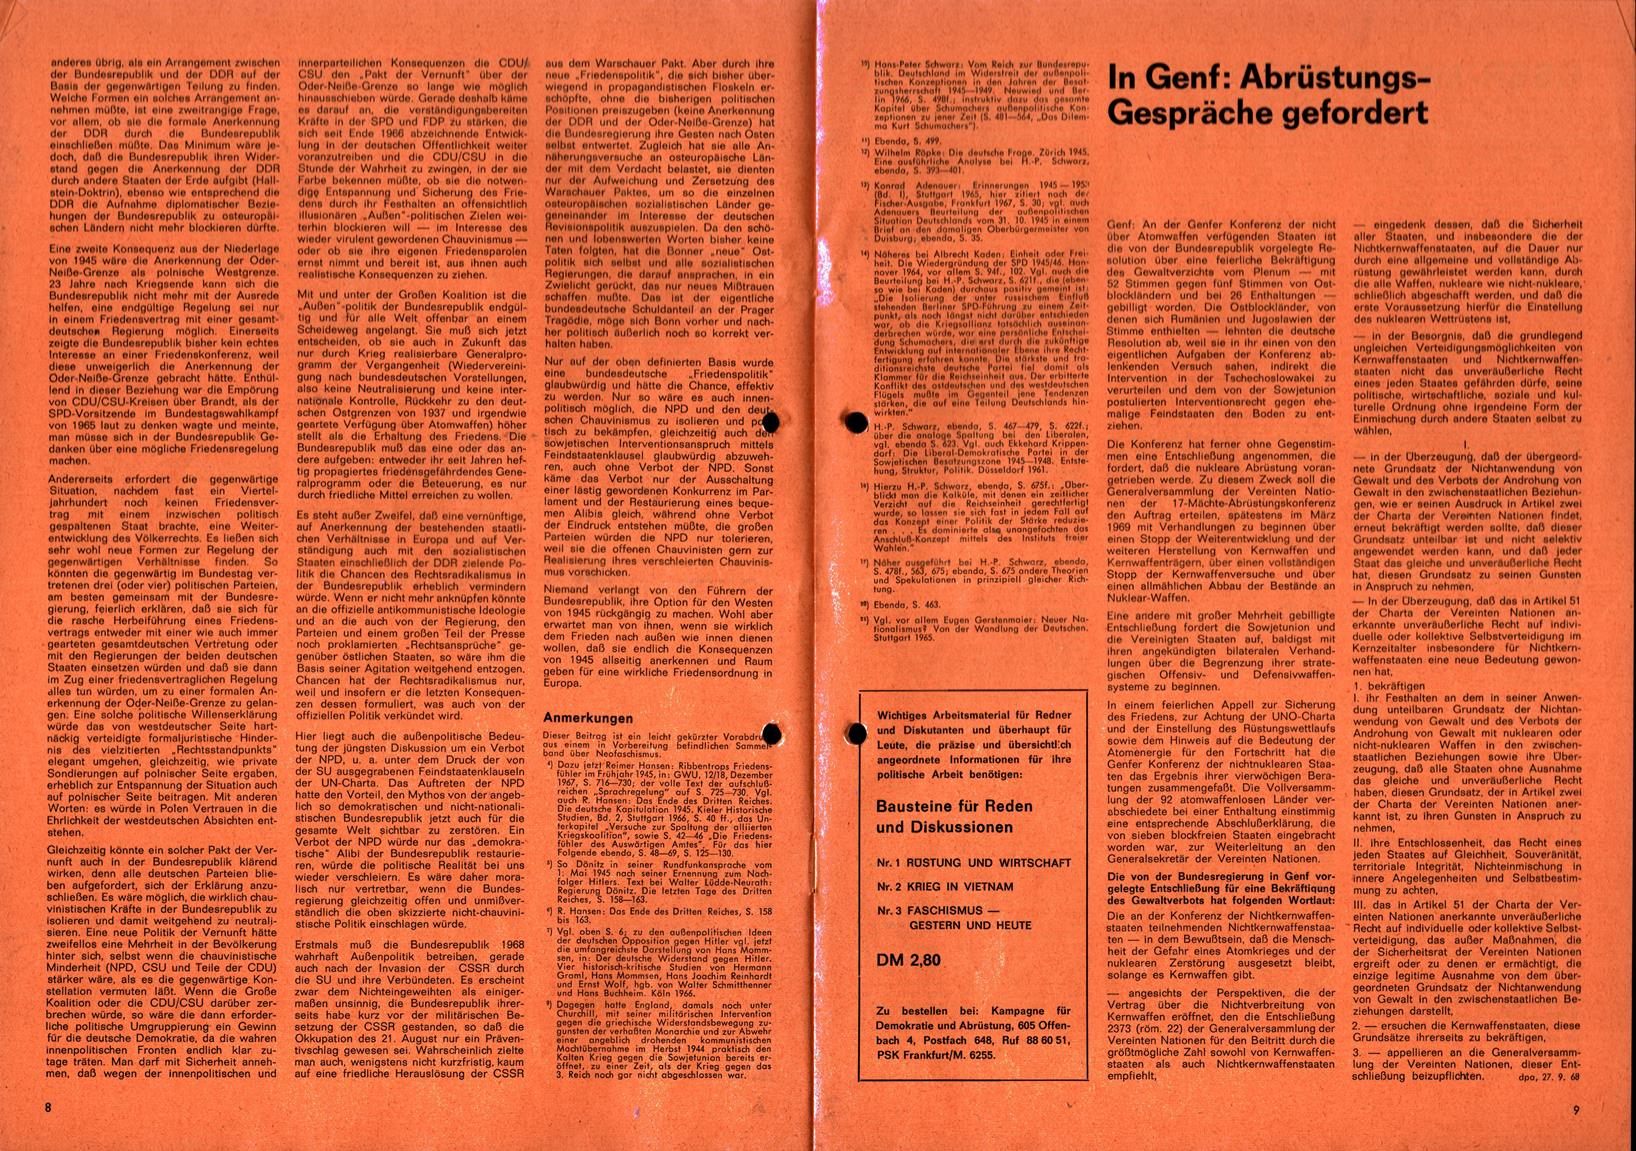 Infos_zur_Abruestung_1968_063_005